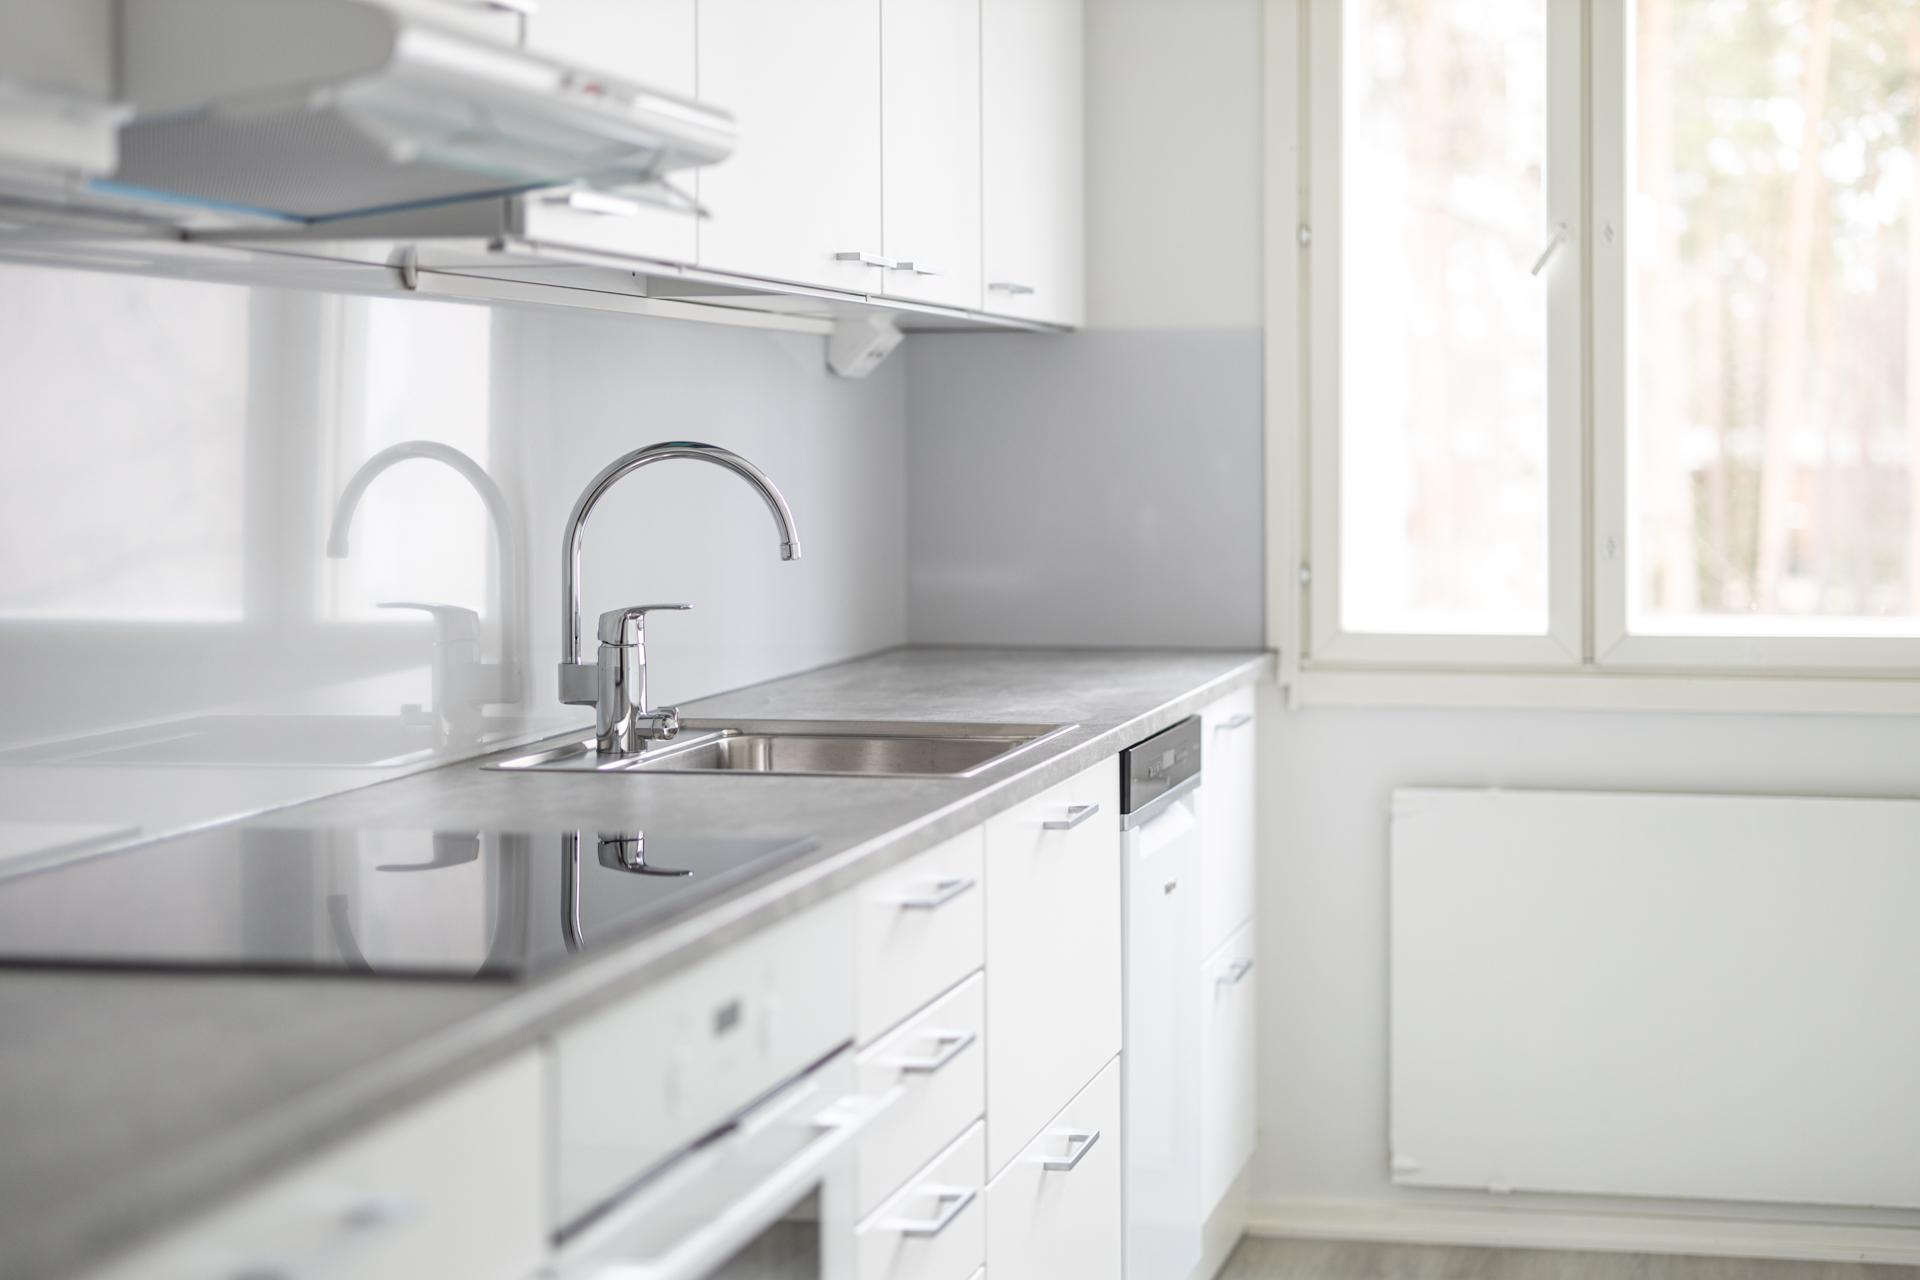 Asuntokuvaus hana ja liesi